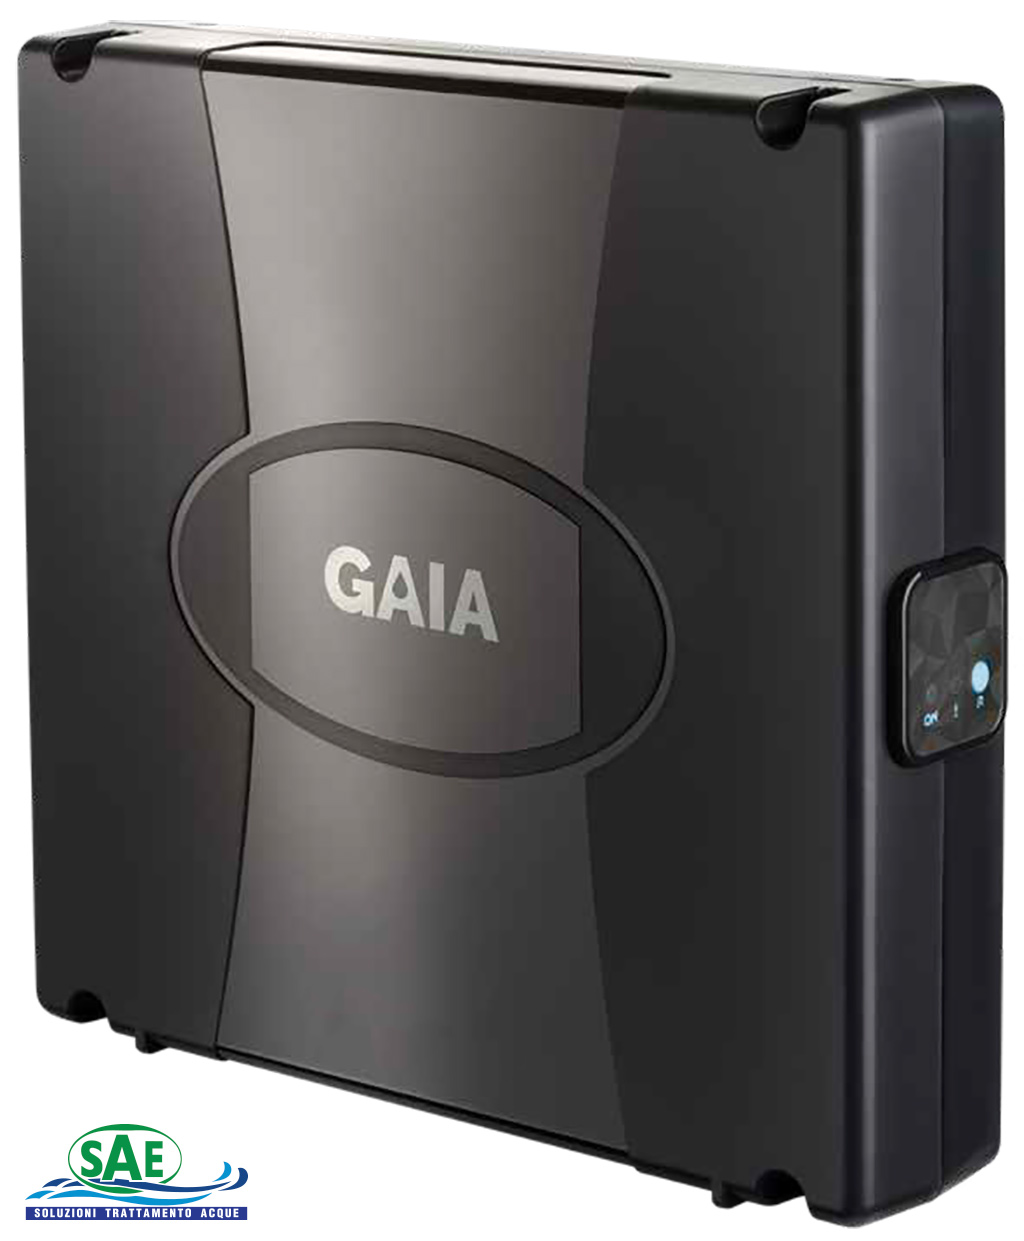 Ultrafiltrazione Acqua Gaia | SAE TECNOLOGY